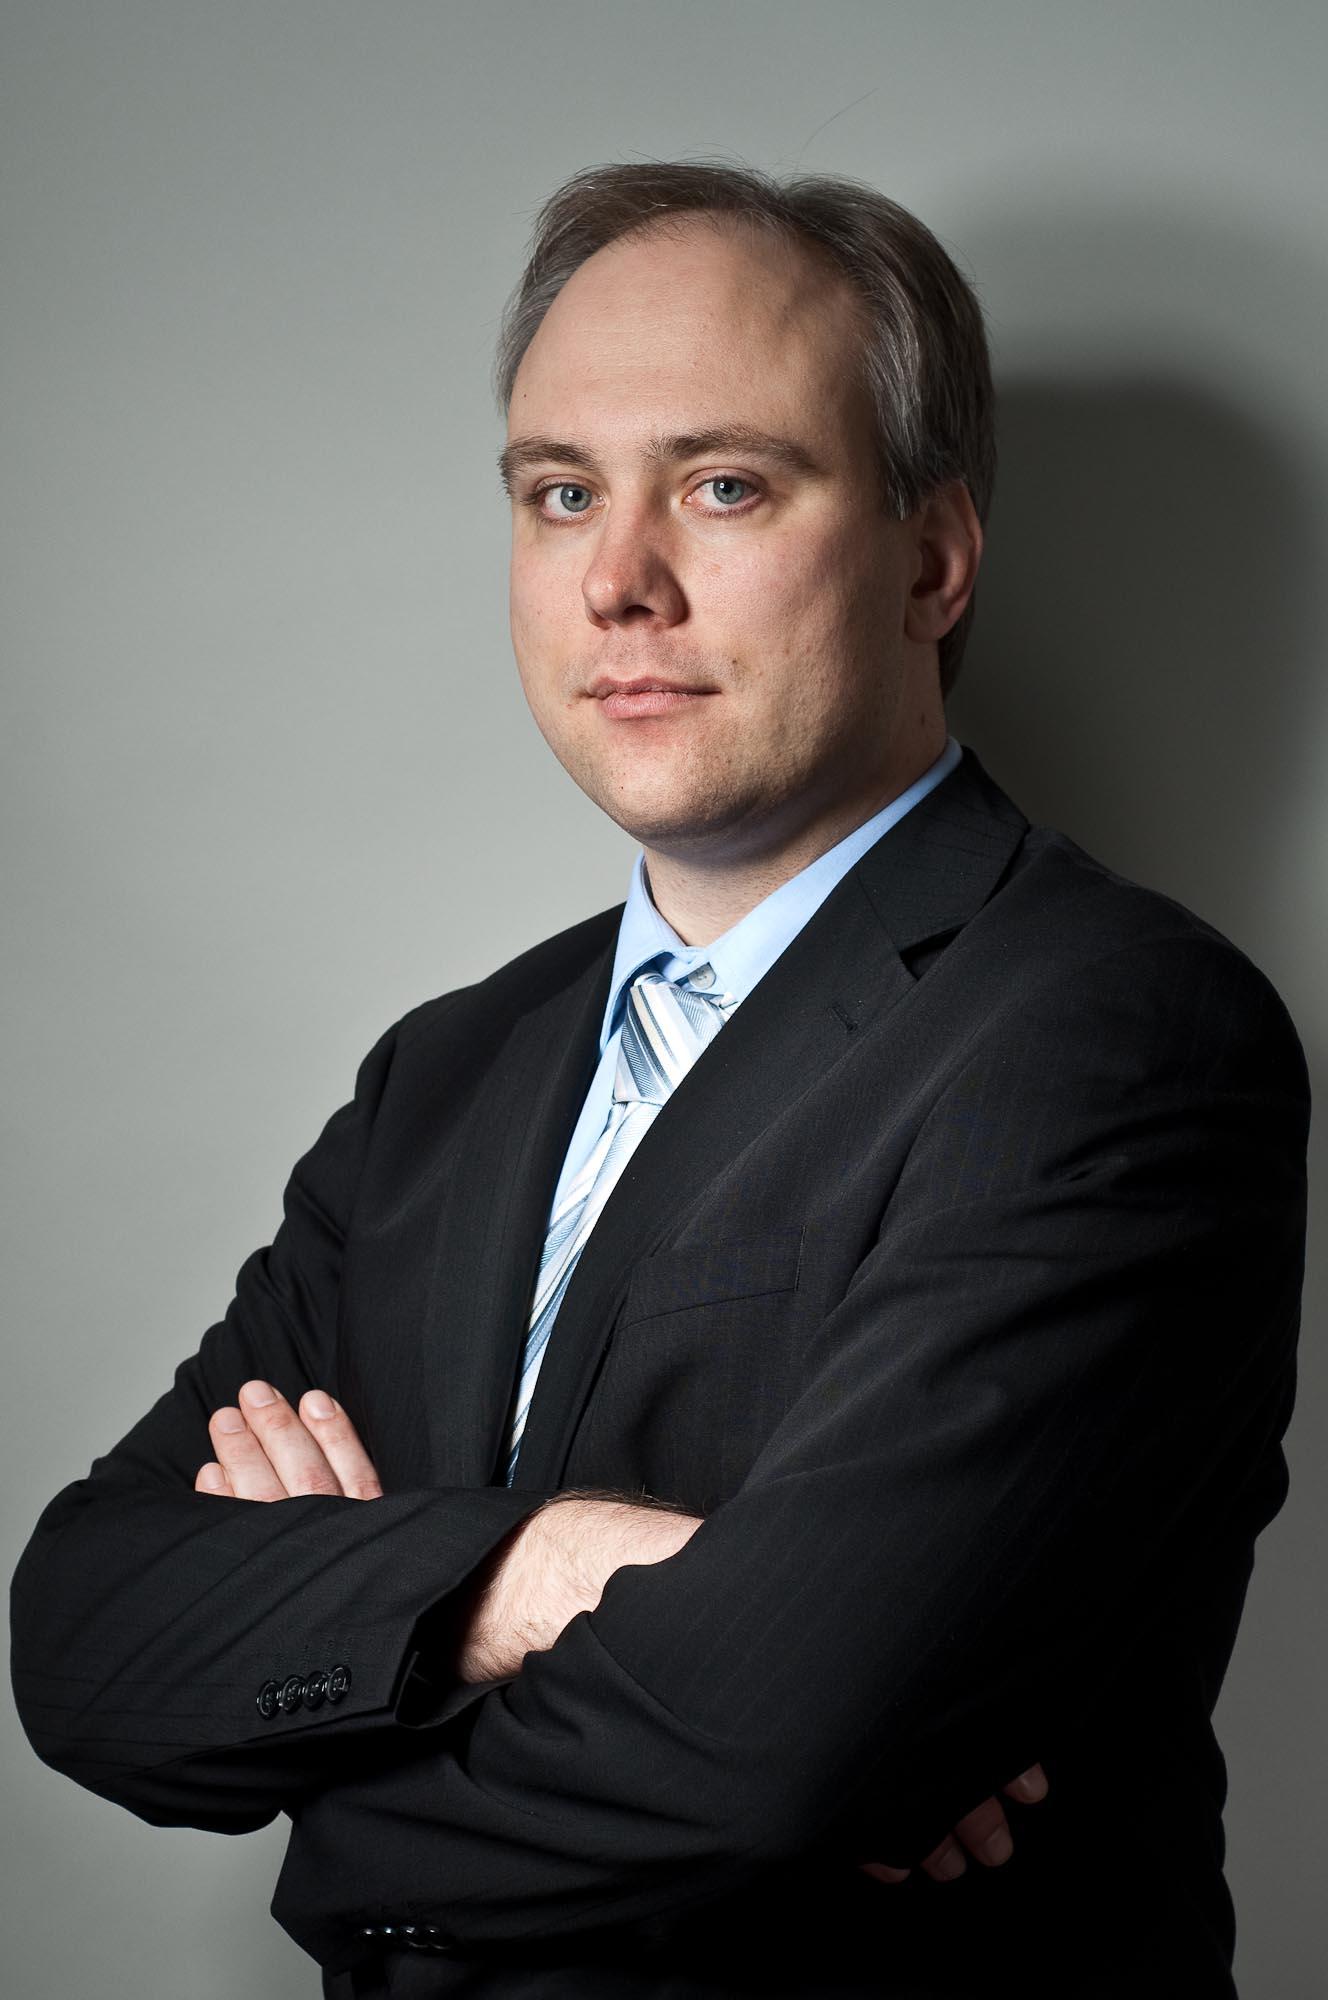 Dr. Andreas Grau, founder of Thetaris